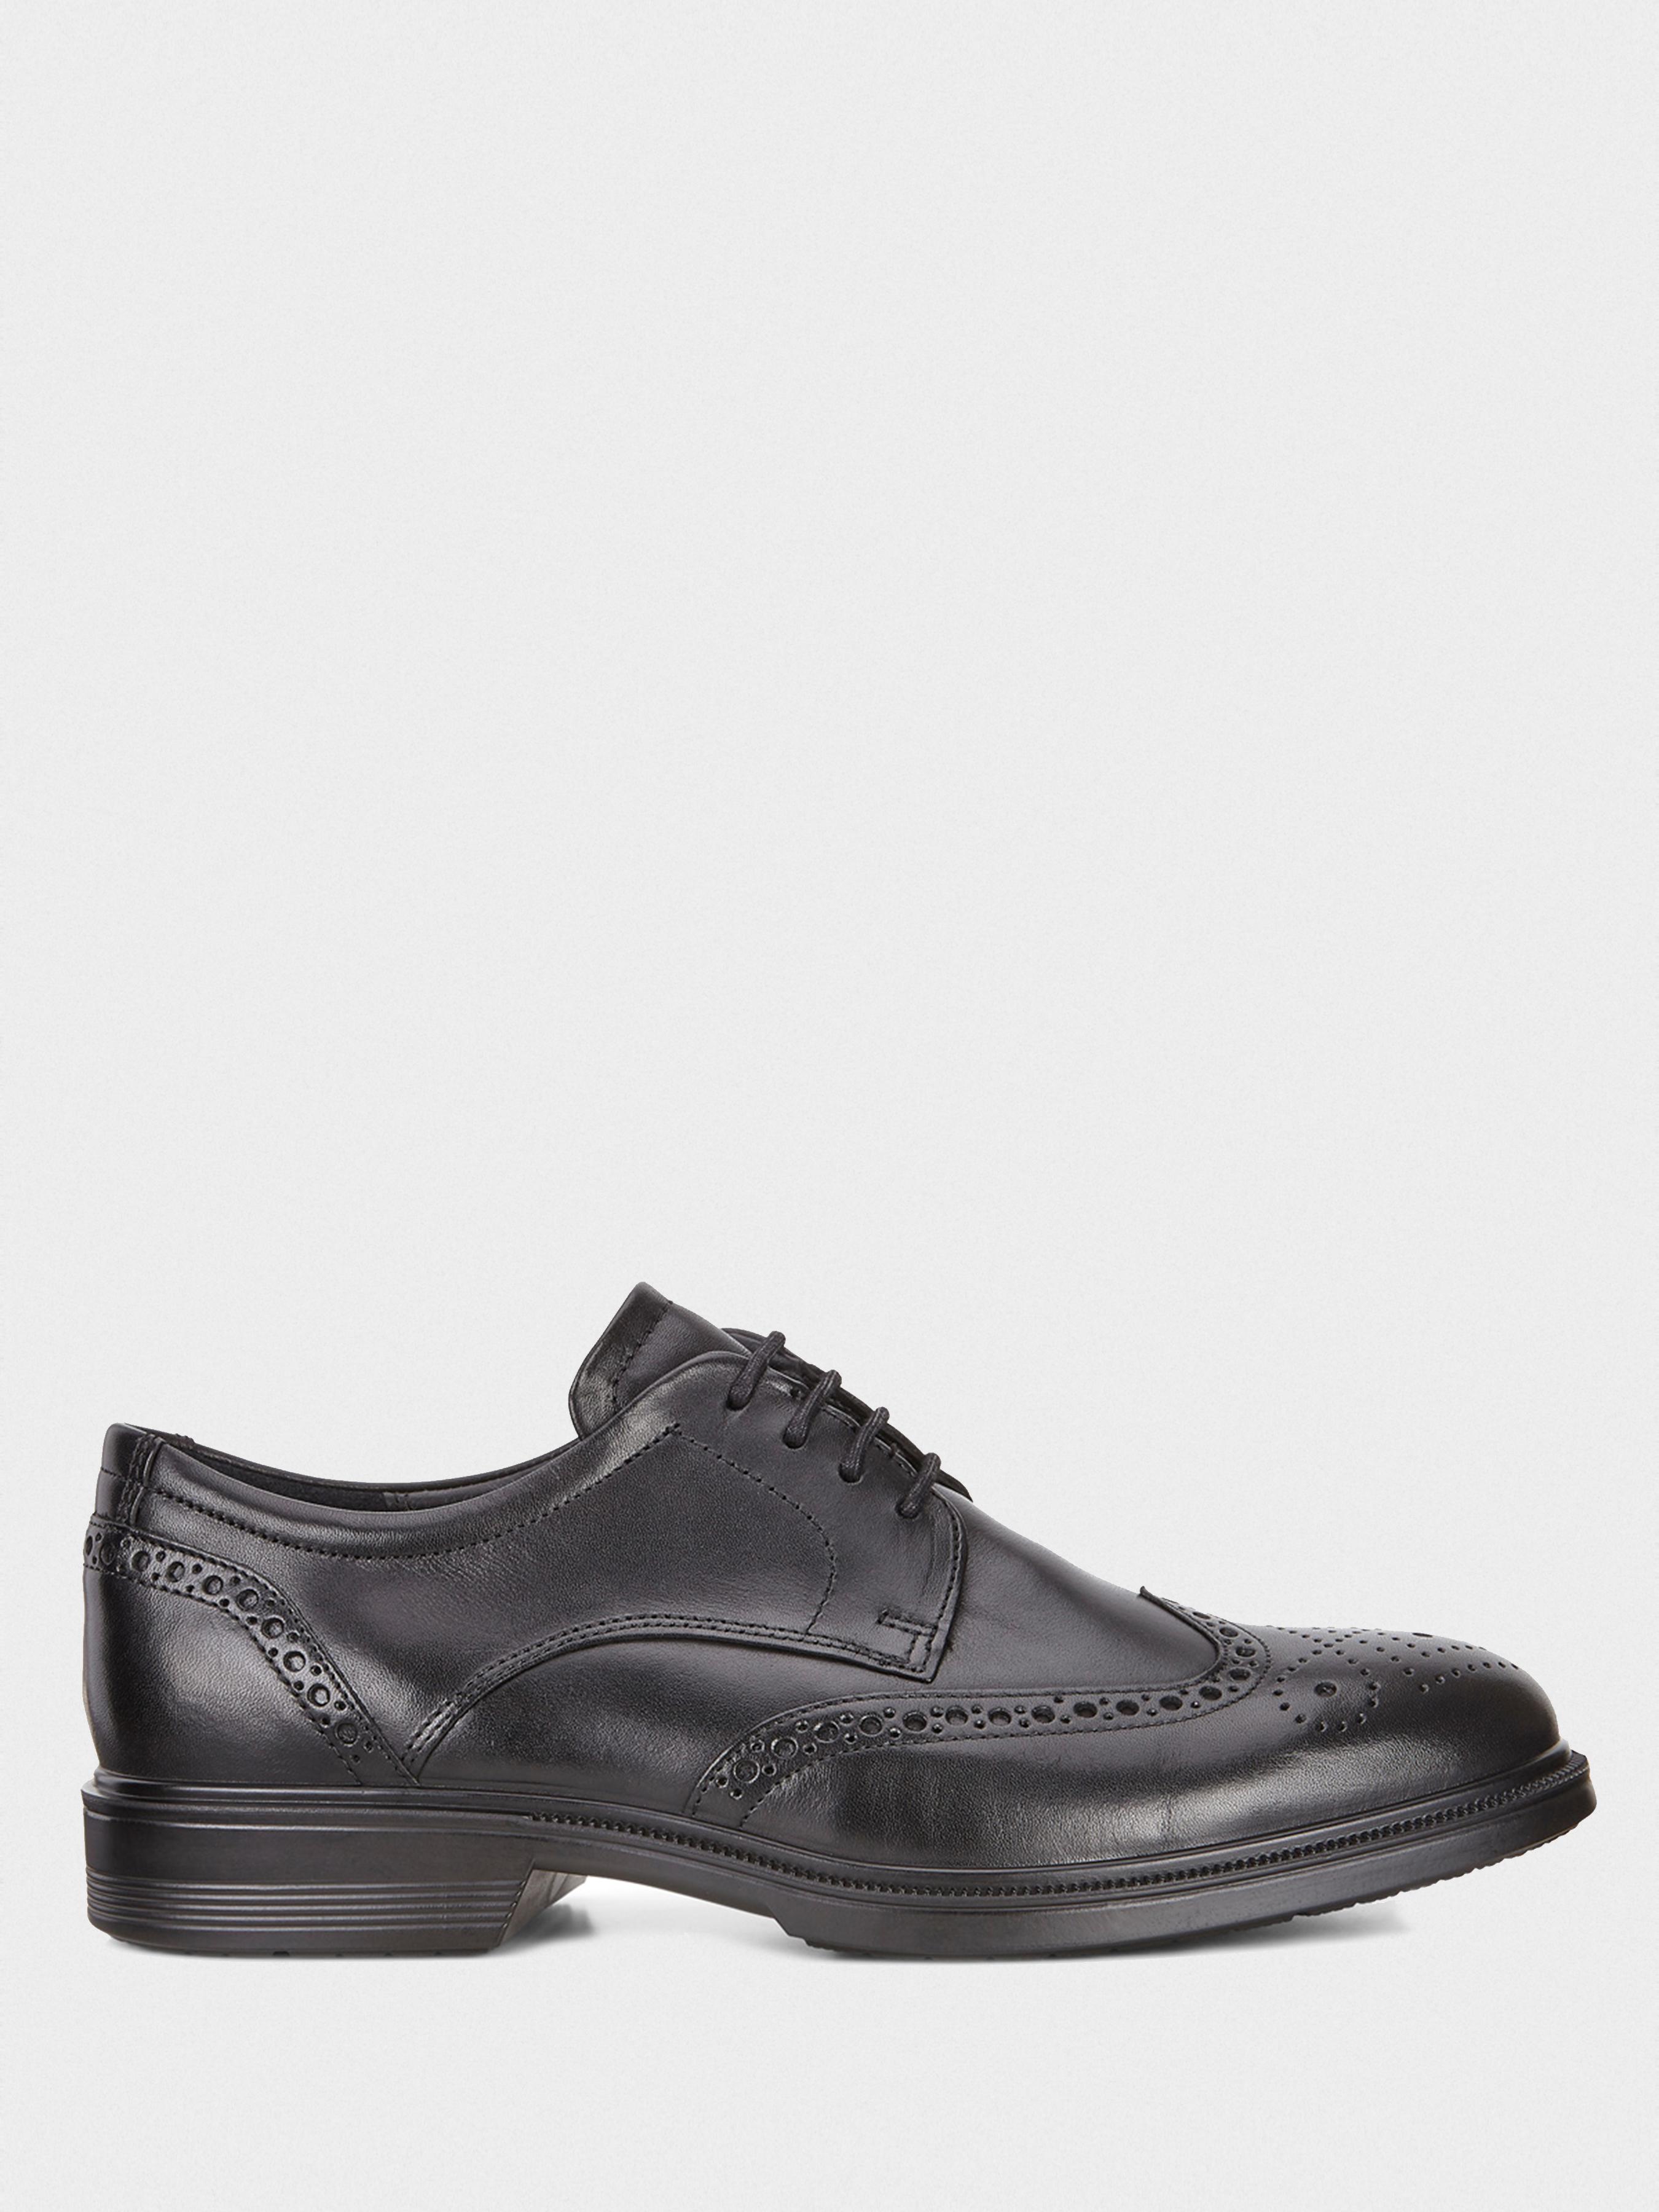 Купить Туфли мужские ECCO LISBON ZM3732, Черный